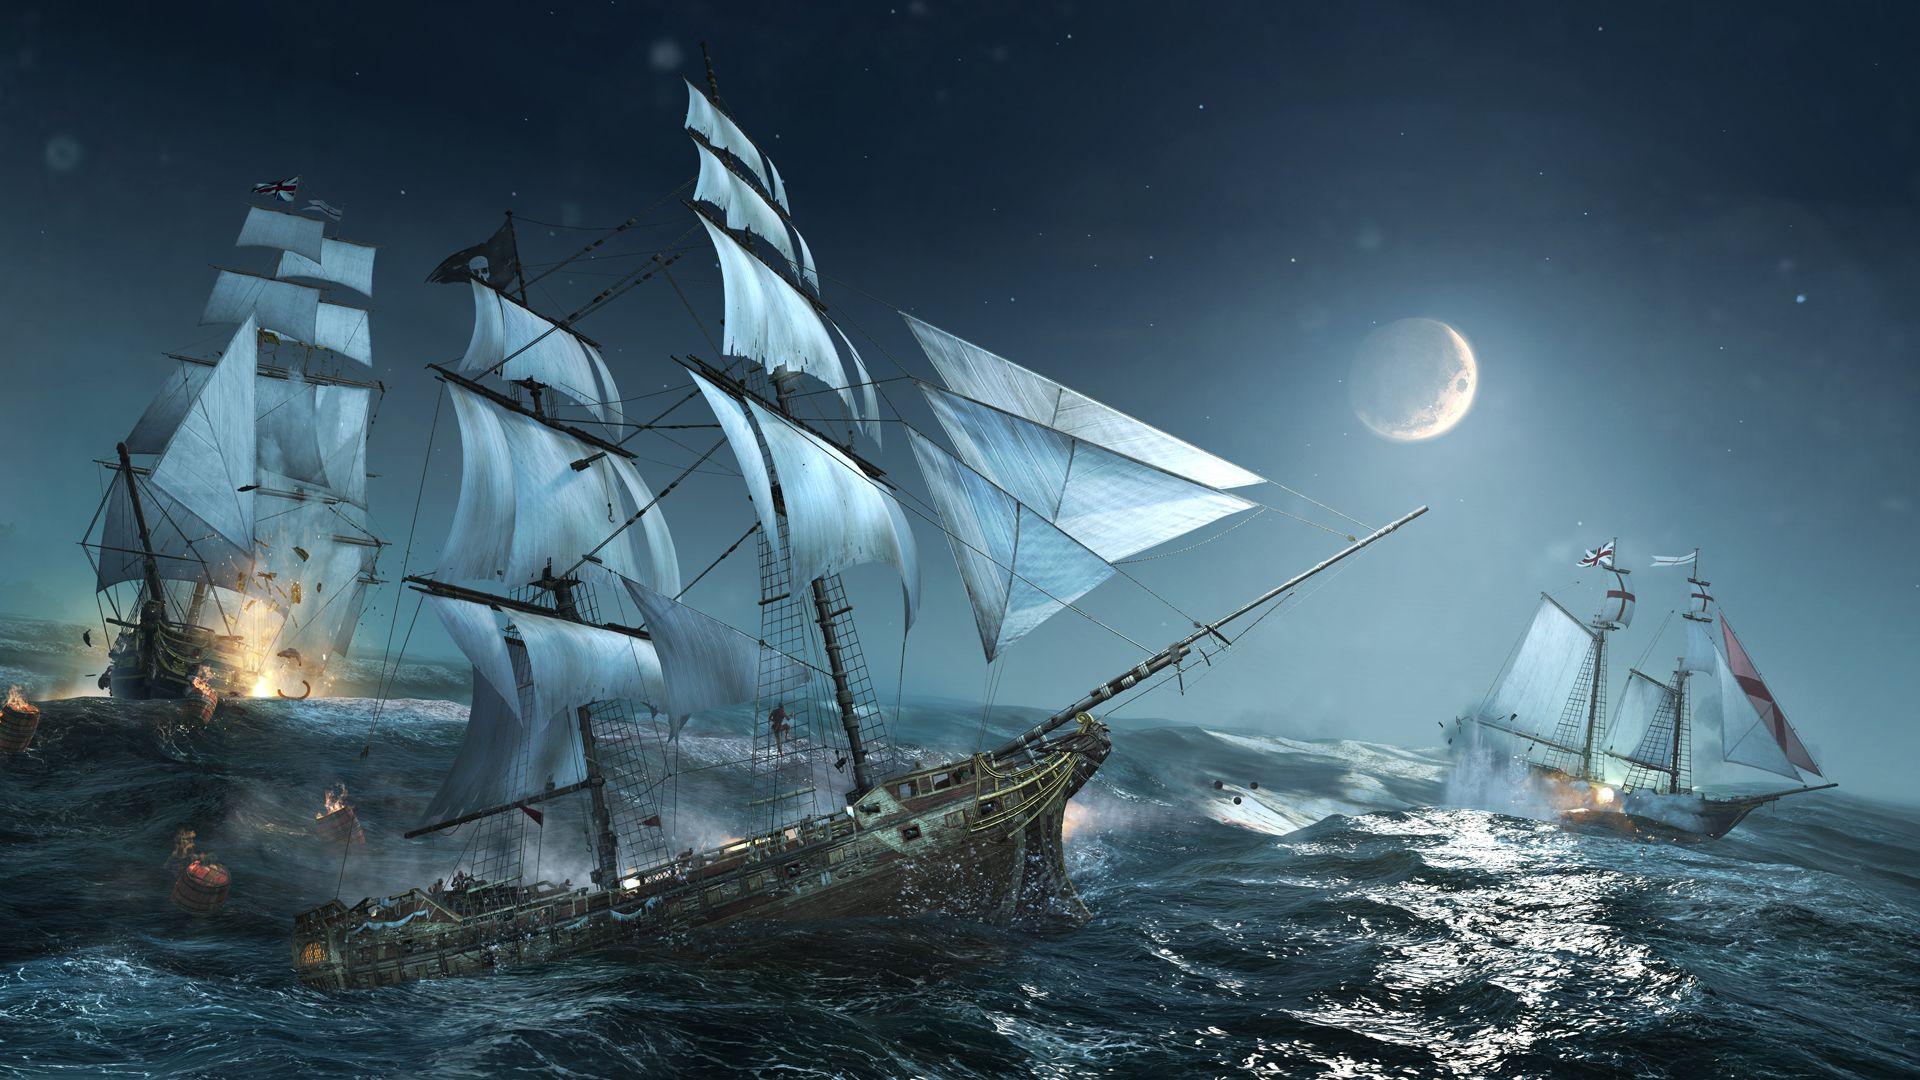 Sailing Ships HD Wallpaper 1920x1080 ID51976 WHERE YOU WANT 1920x1080